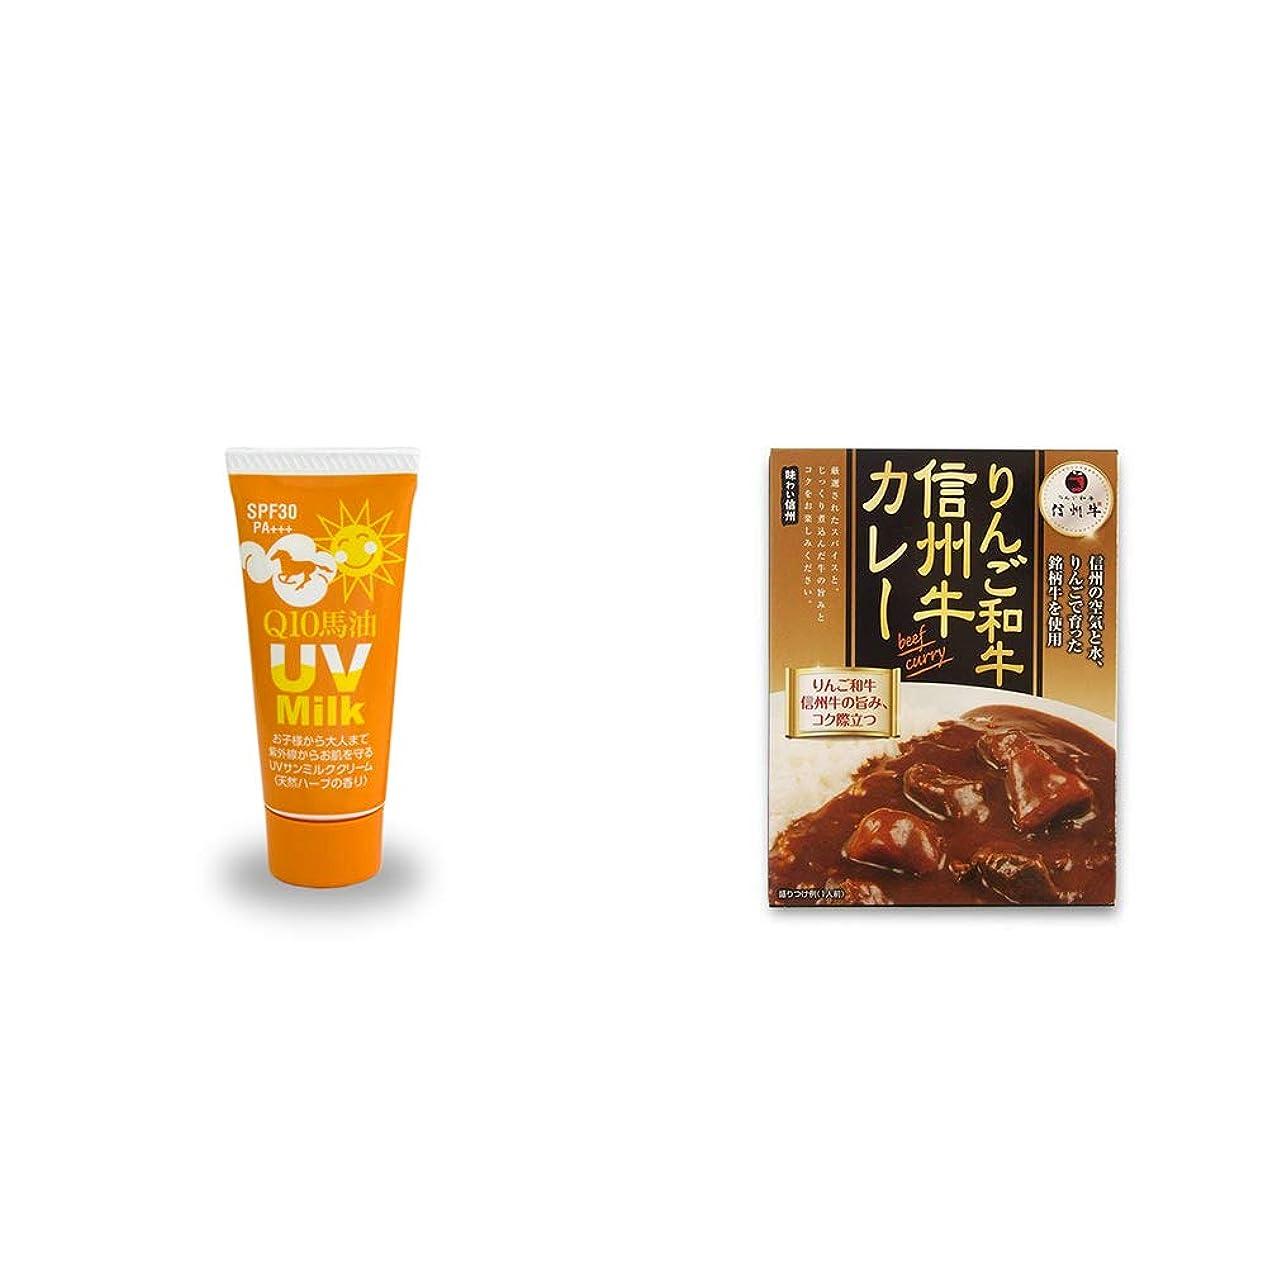 [2点セット] 炭黒泉 Q10馬油 UVサンミルク[天然ハーブ](40g)?りんご和牛 信州牛カレー(1食分)